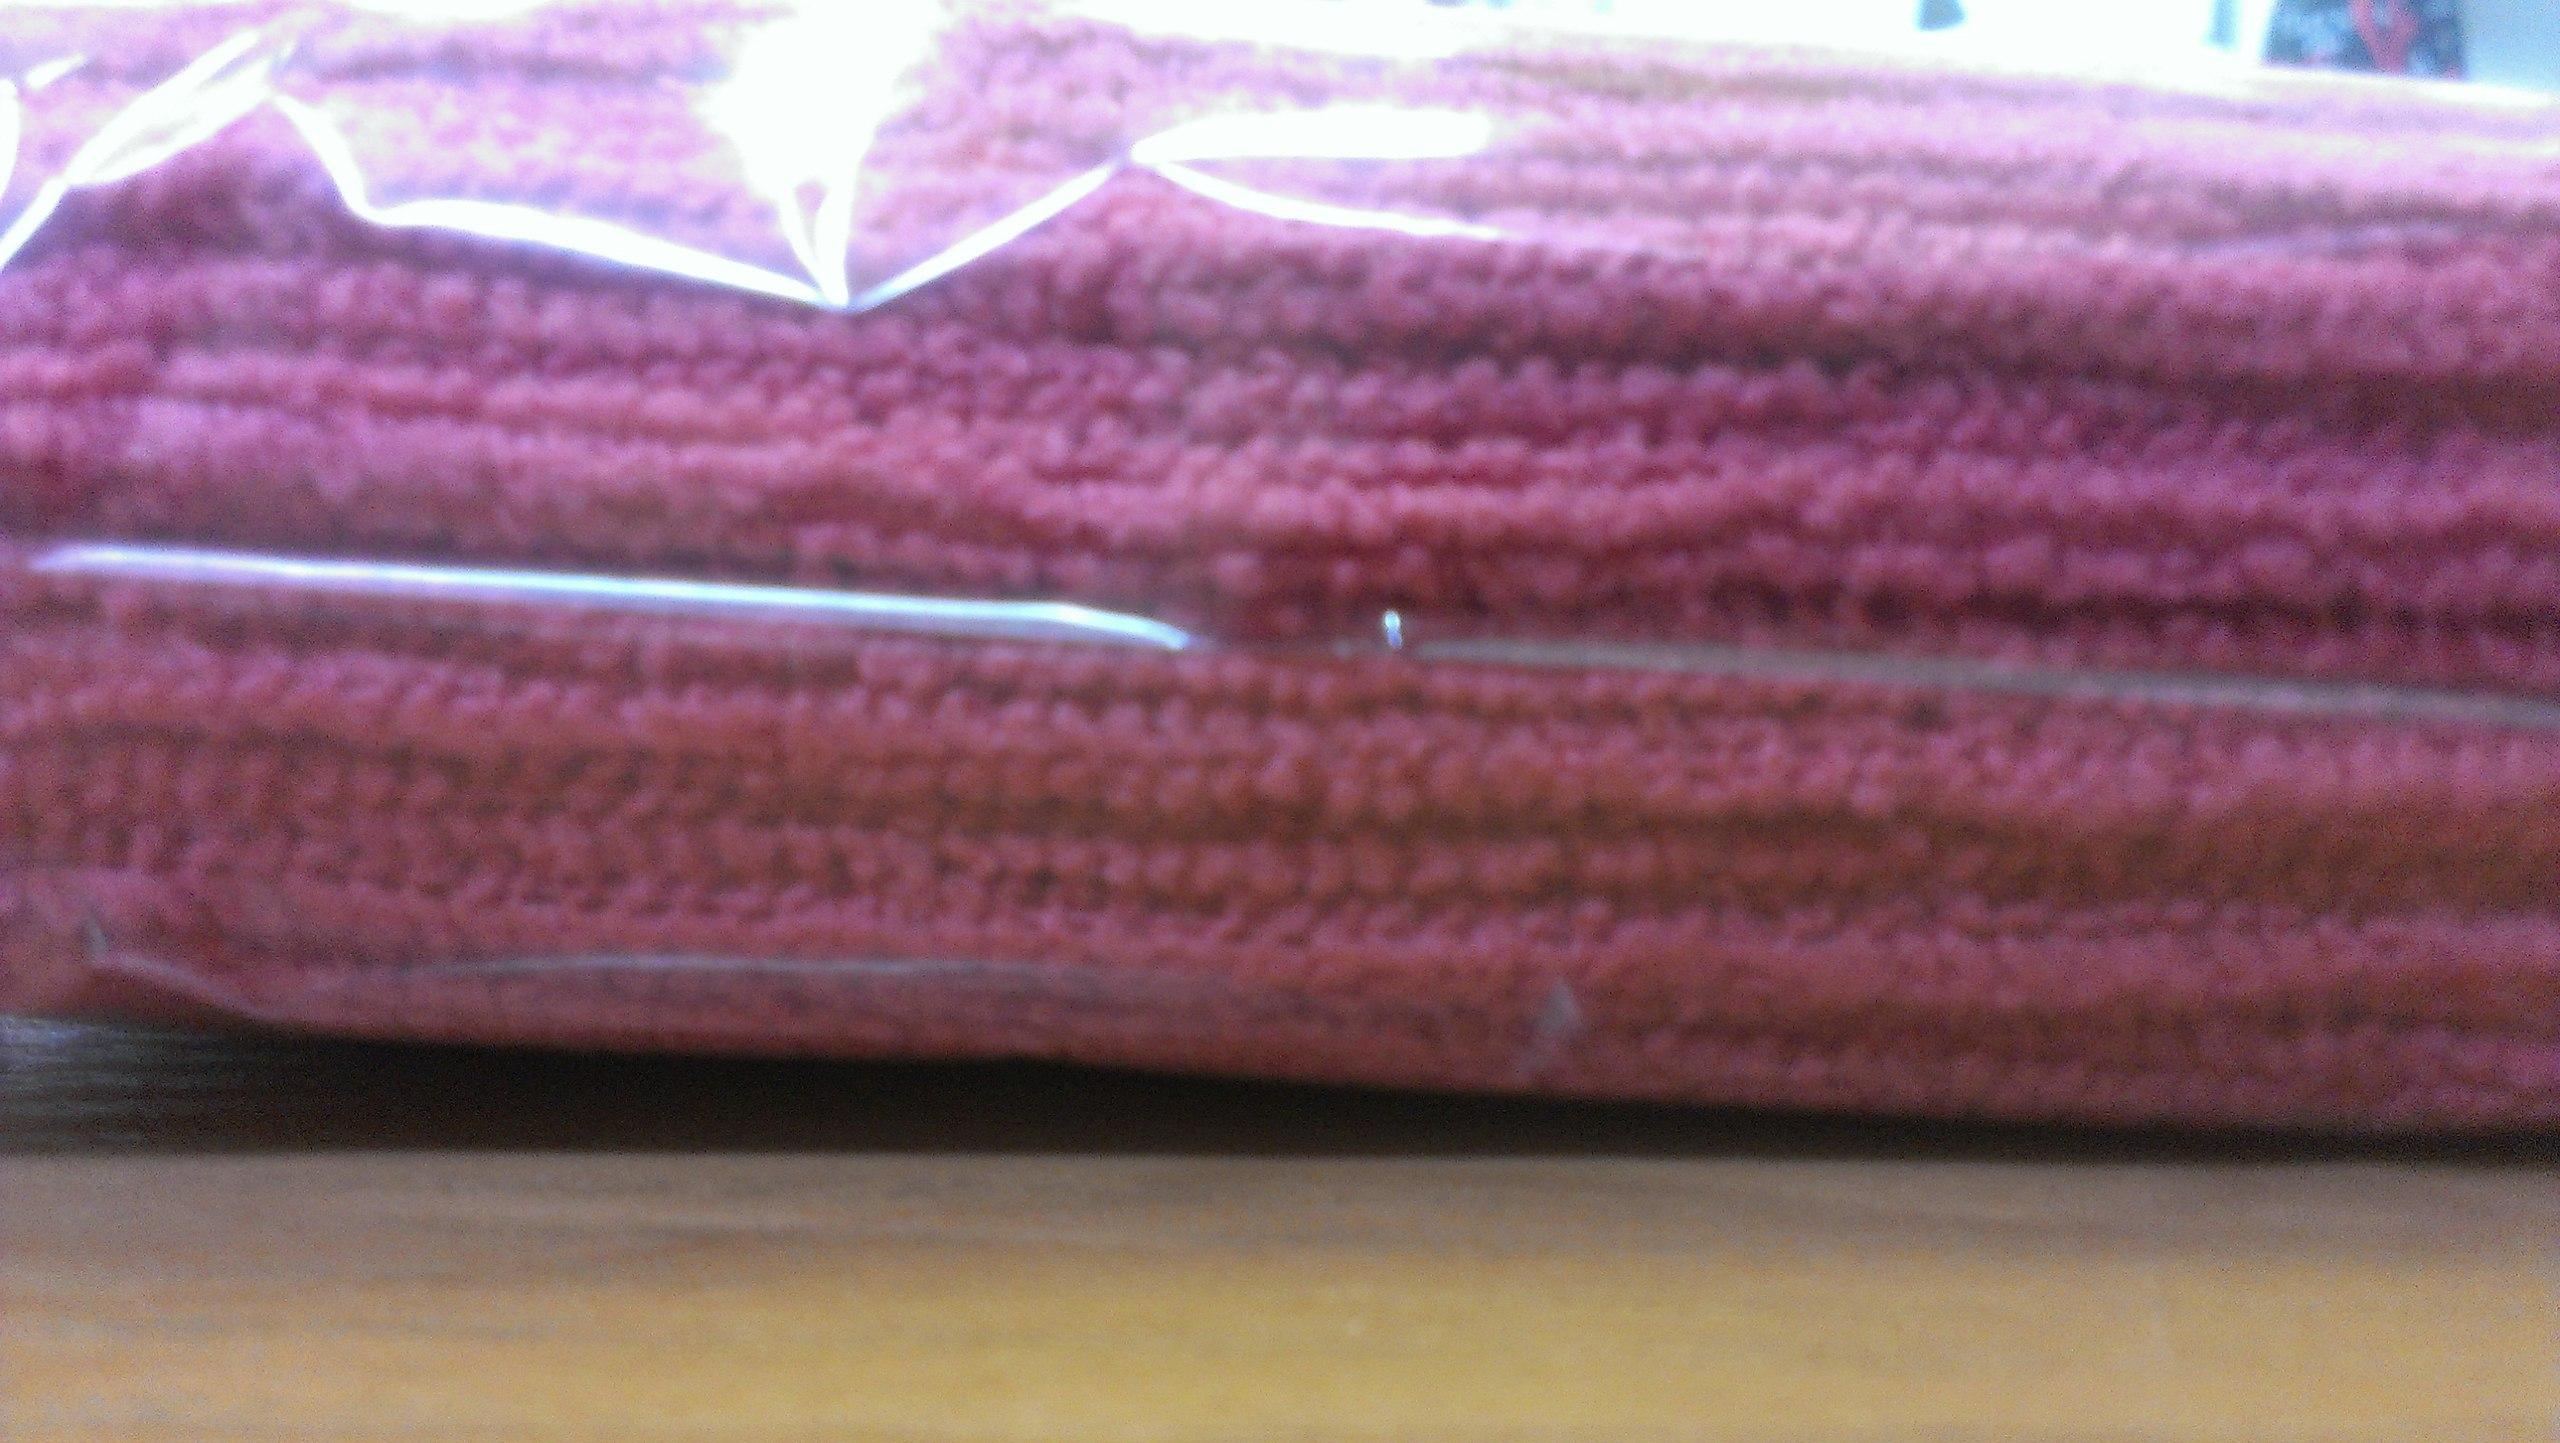 Микрофибра в новой упаковке - для новых клиентов будут очень хорошие цены!